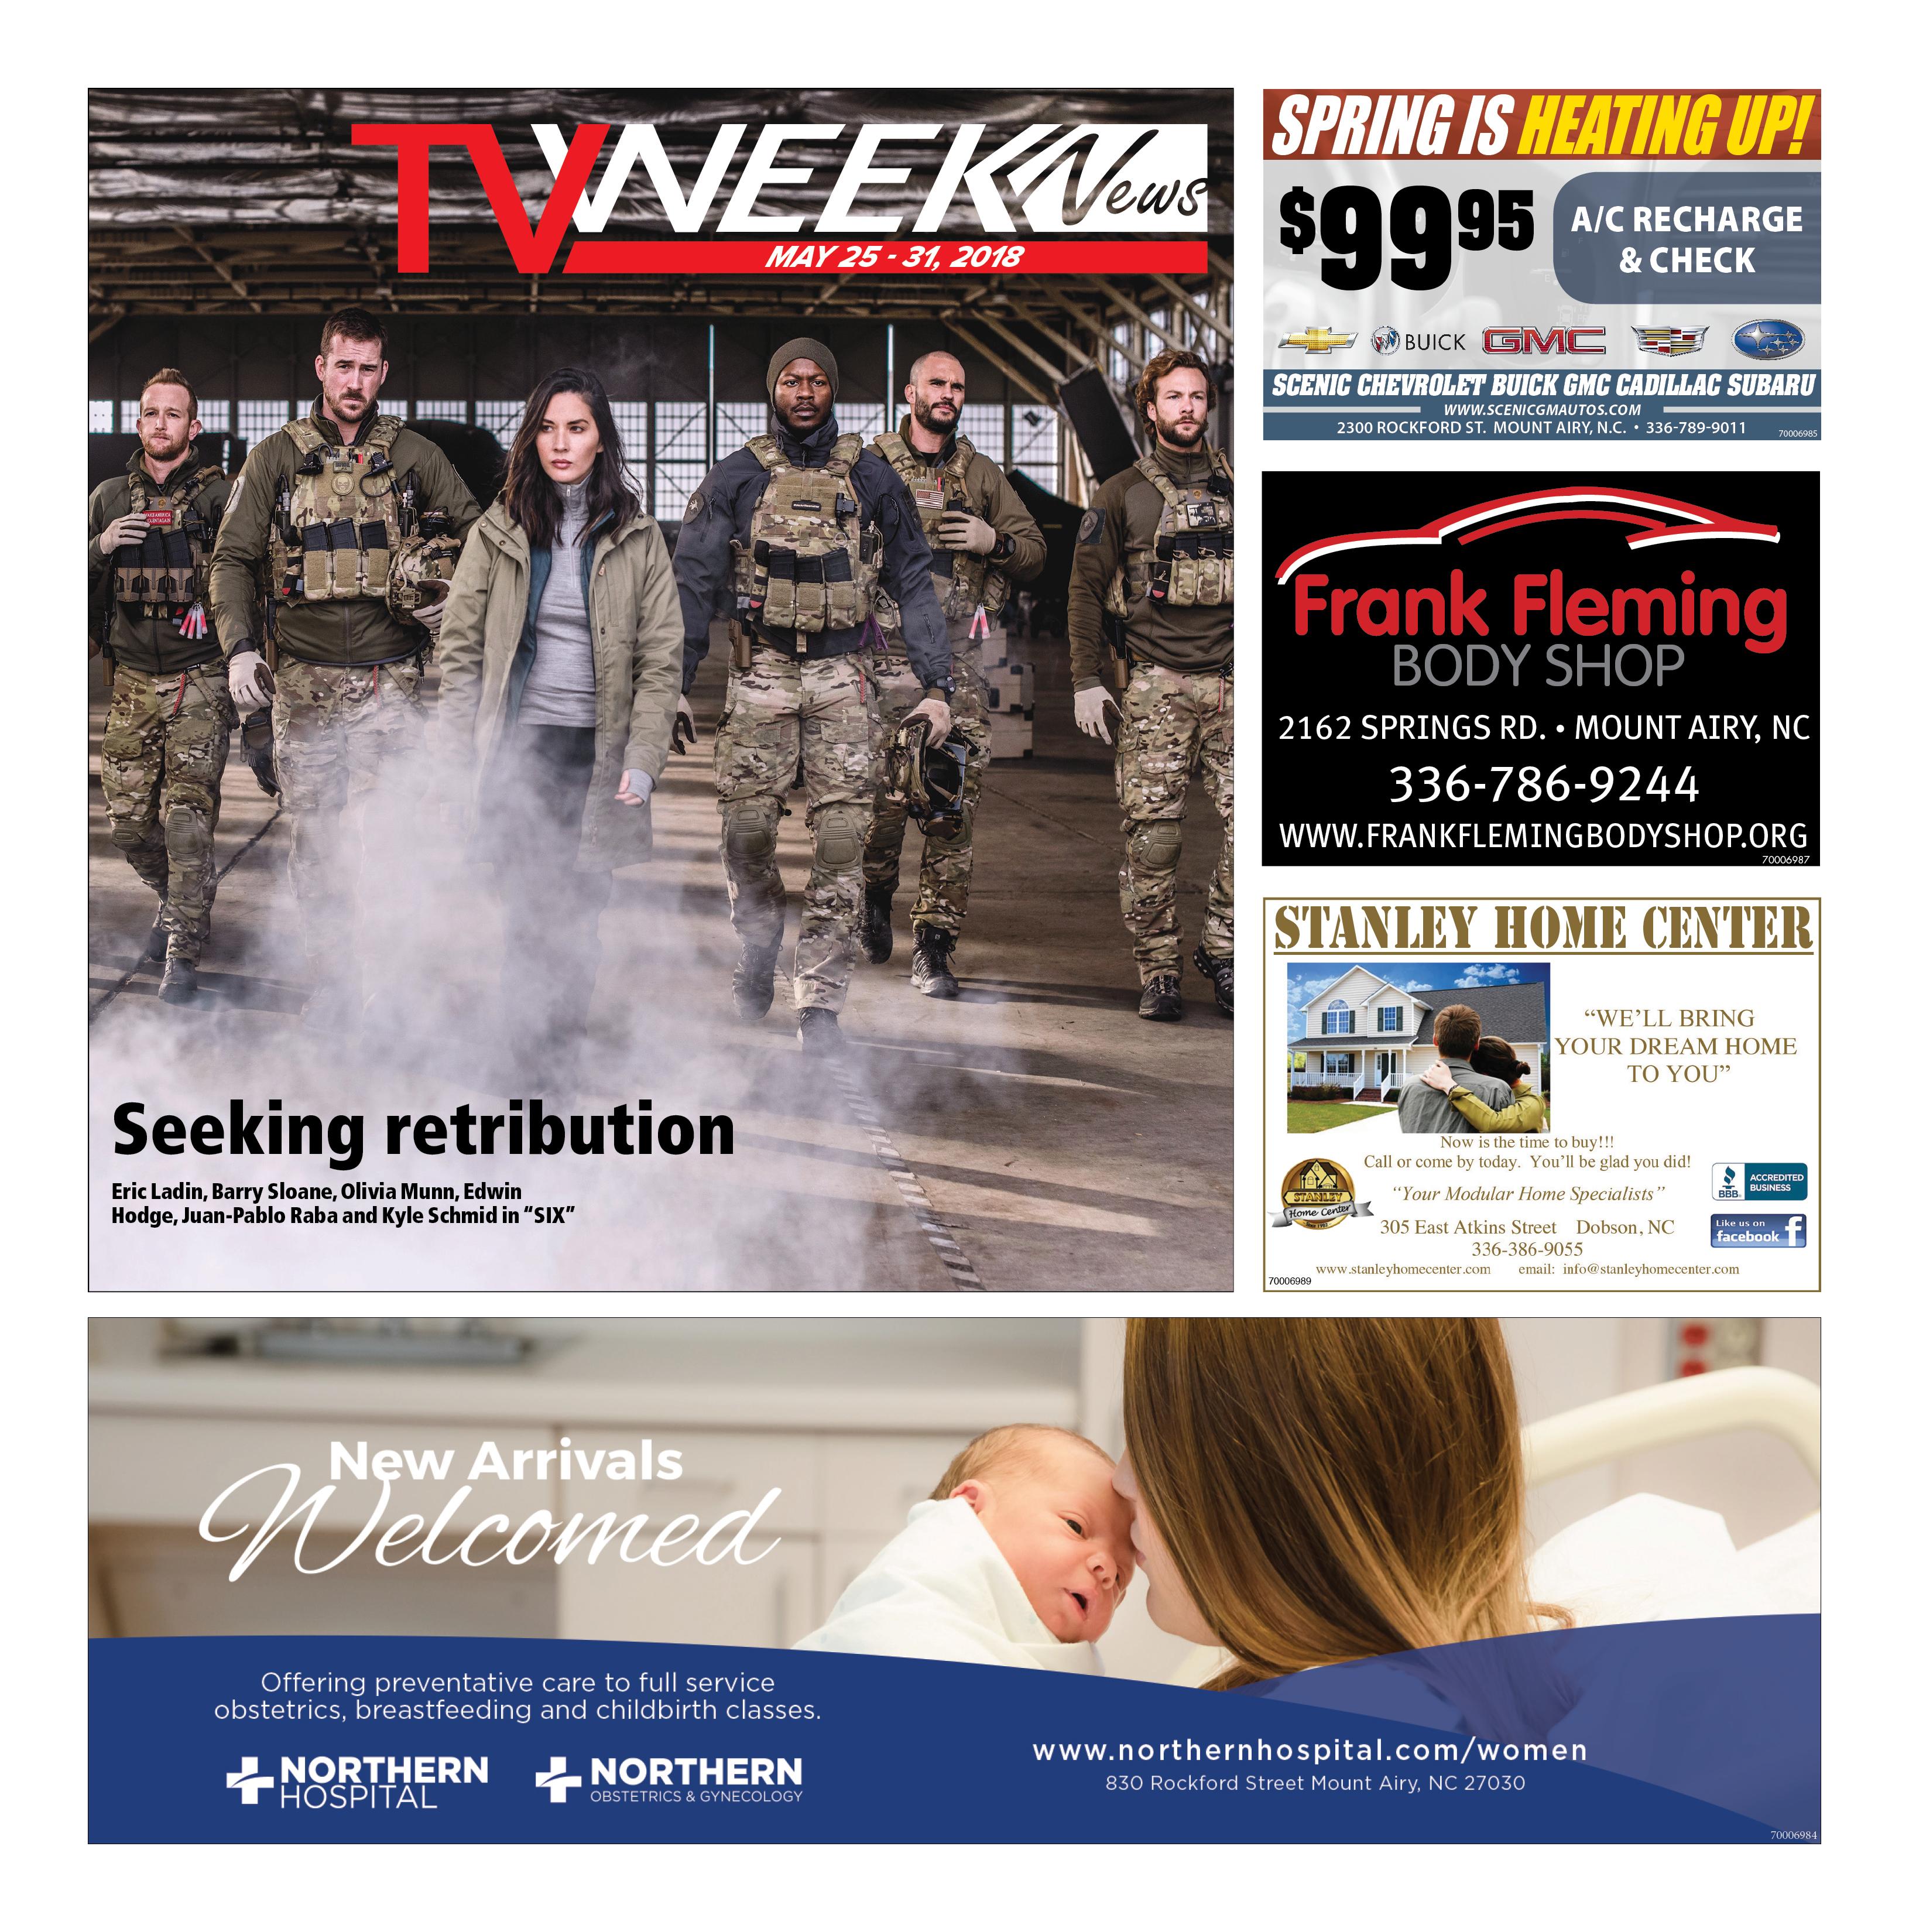 TV WEEK News May 25 – 31, 2018